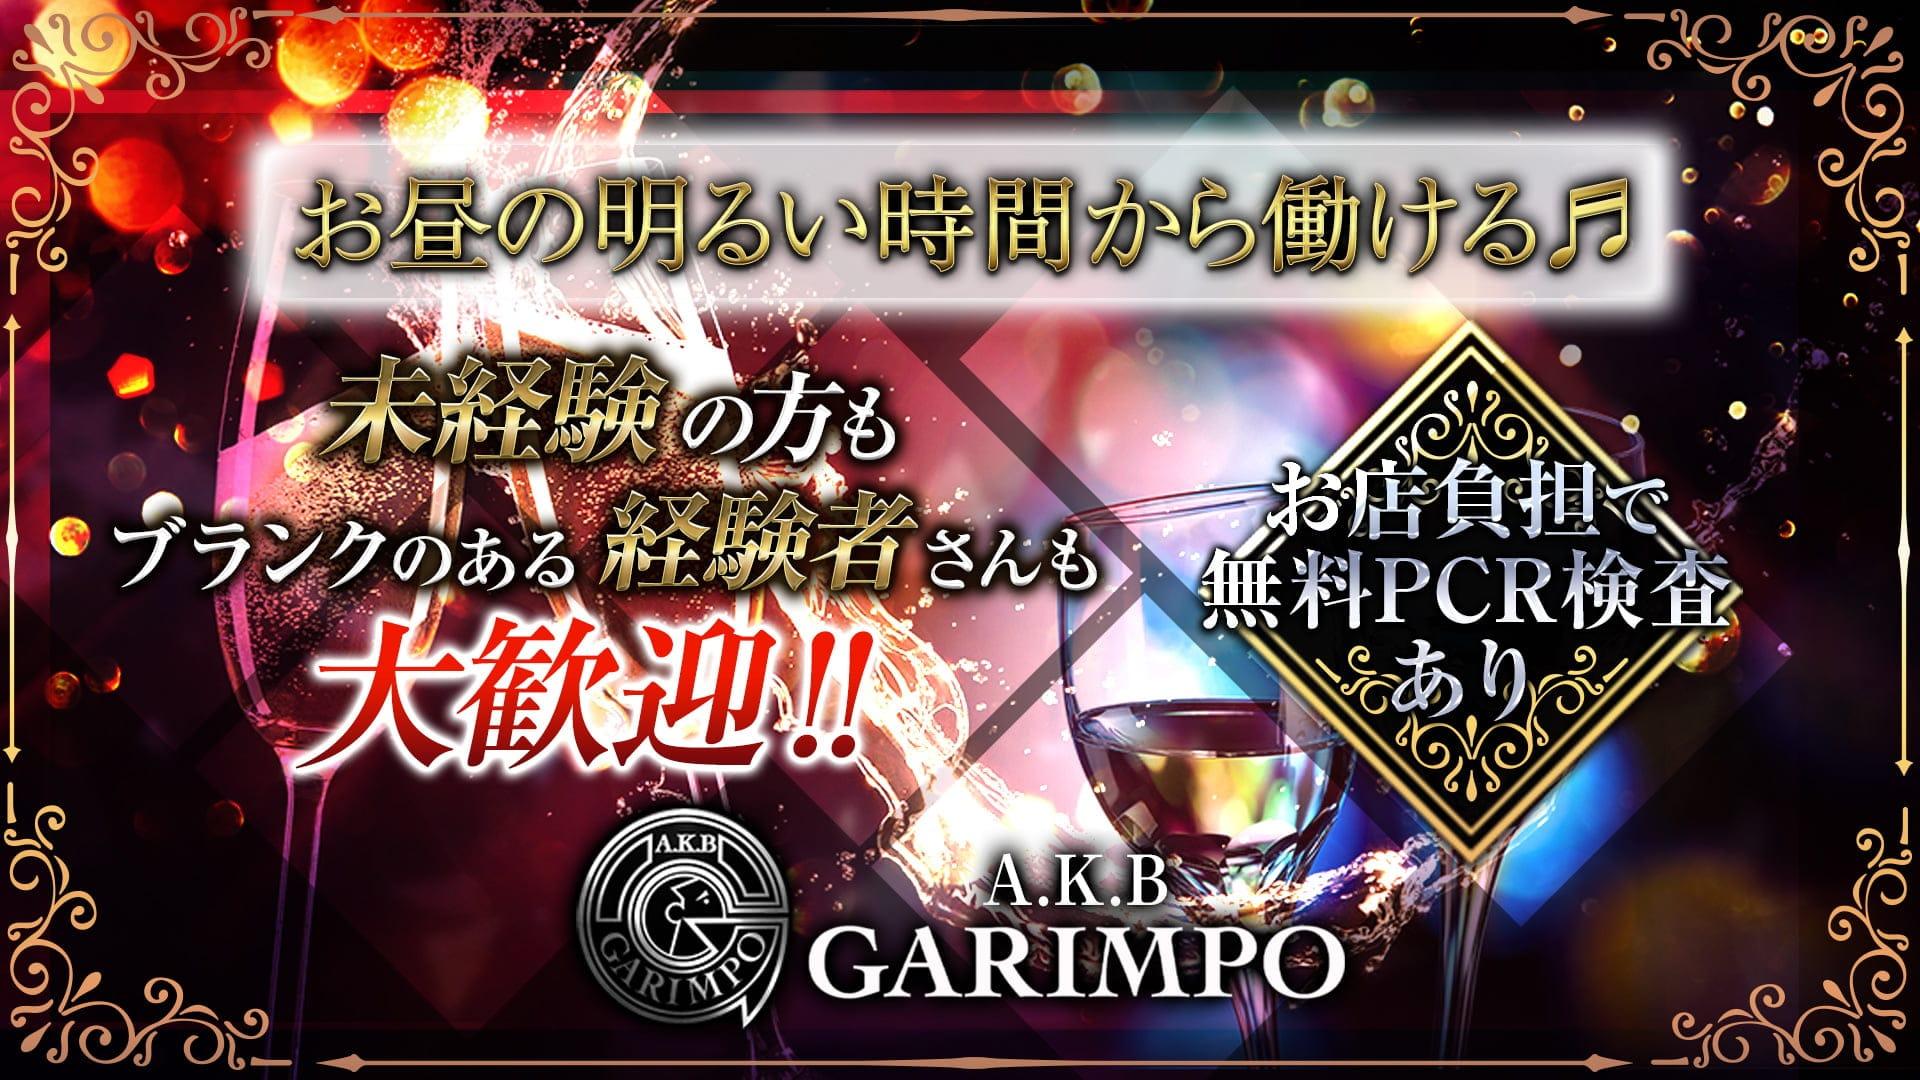 【昼・夜】【秋葉原】A.K.B GARIMPO(エーケービーガリンポ)【公式求人・体入情報】 秋葉原キャバクラ TOP画像